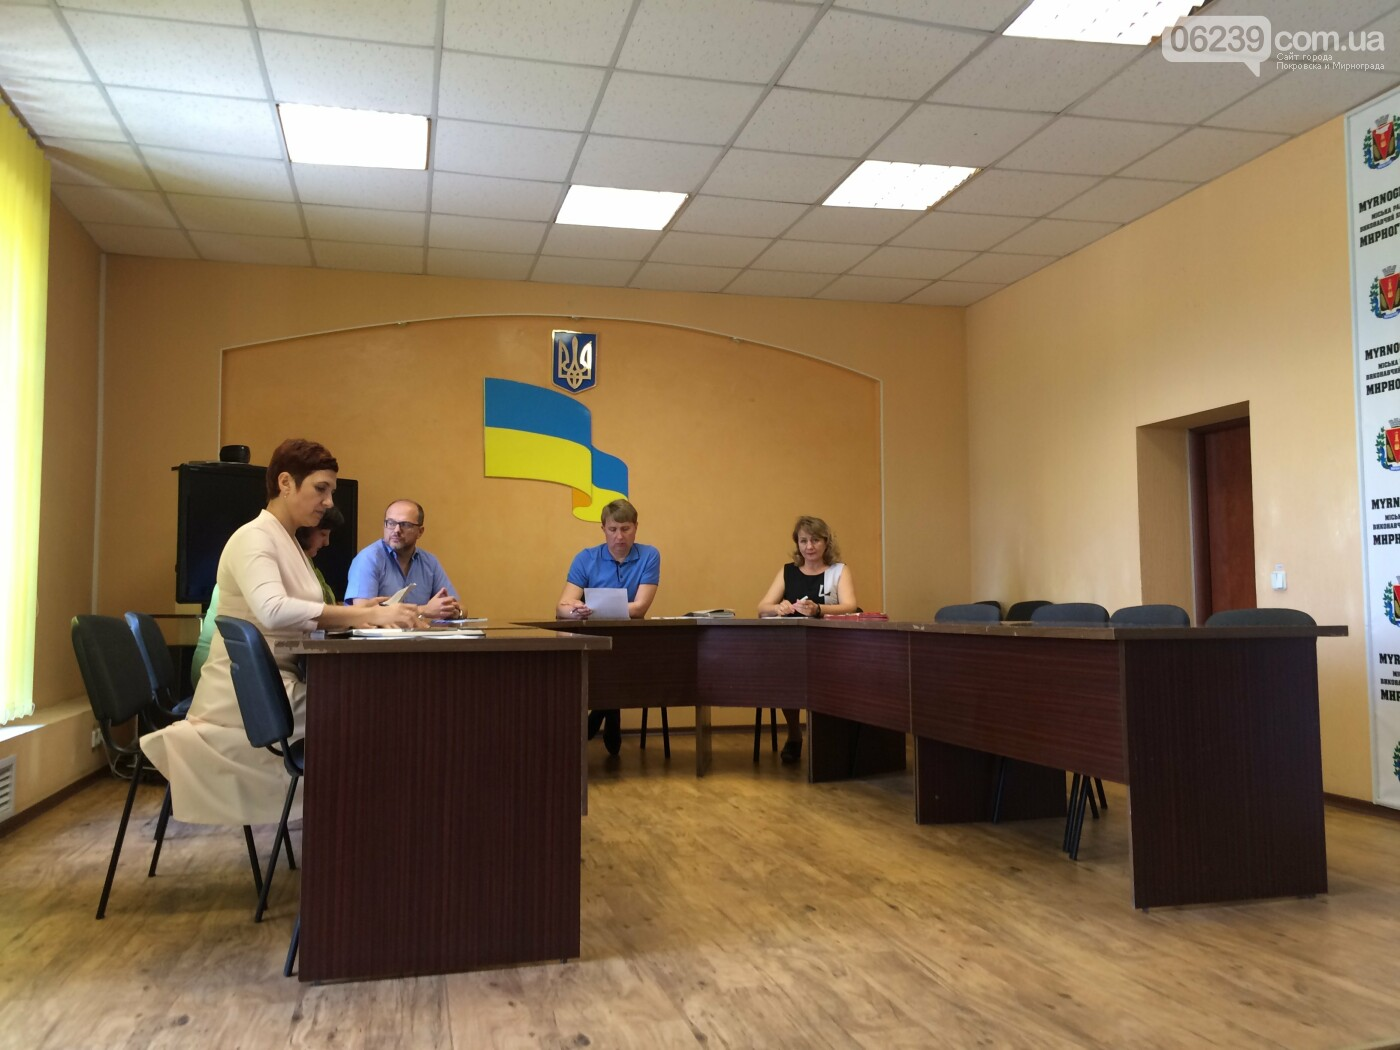 Программа празднования Дня защиты детей в Мирнограде , фото-1